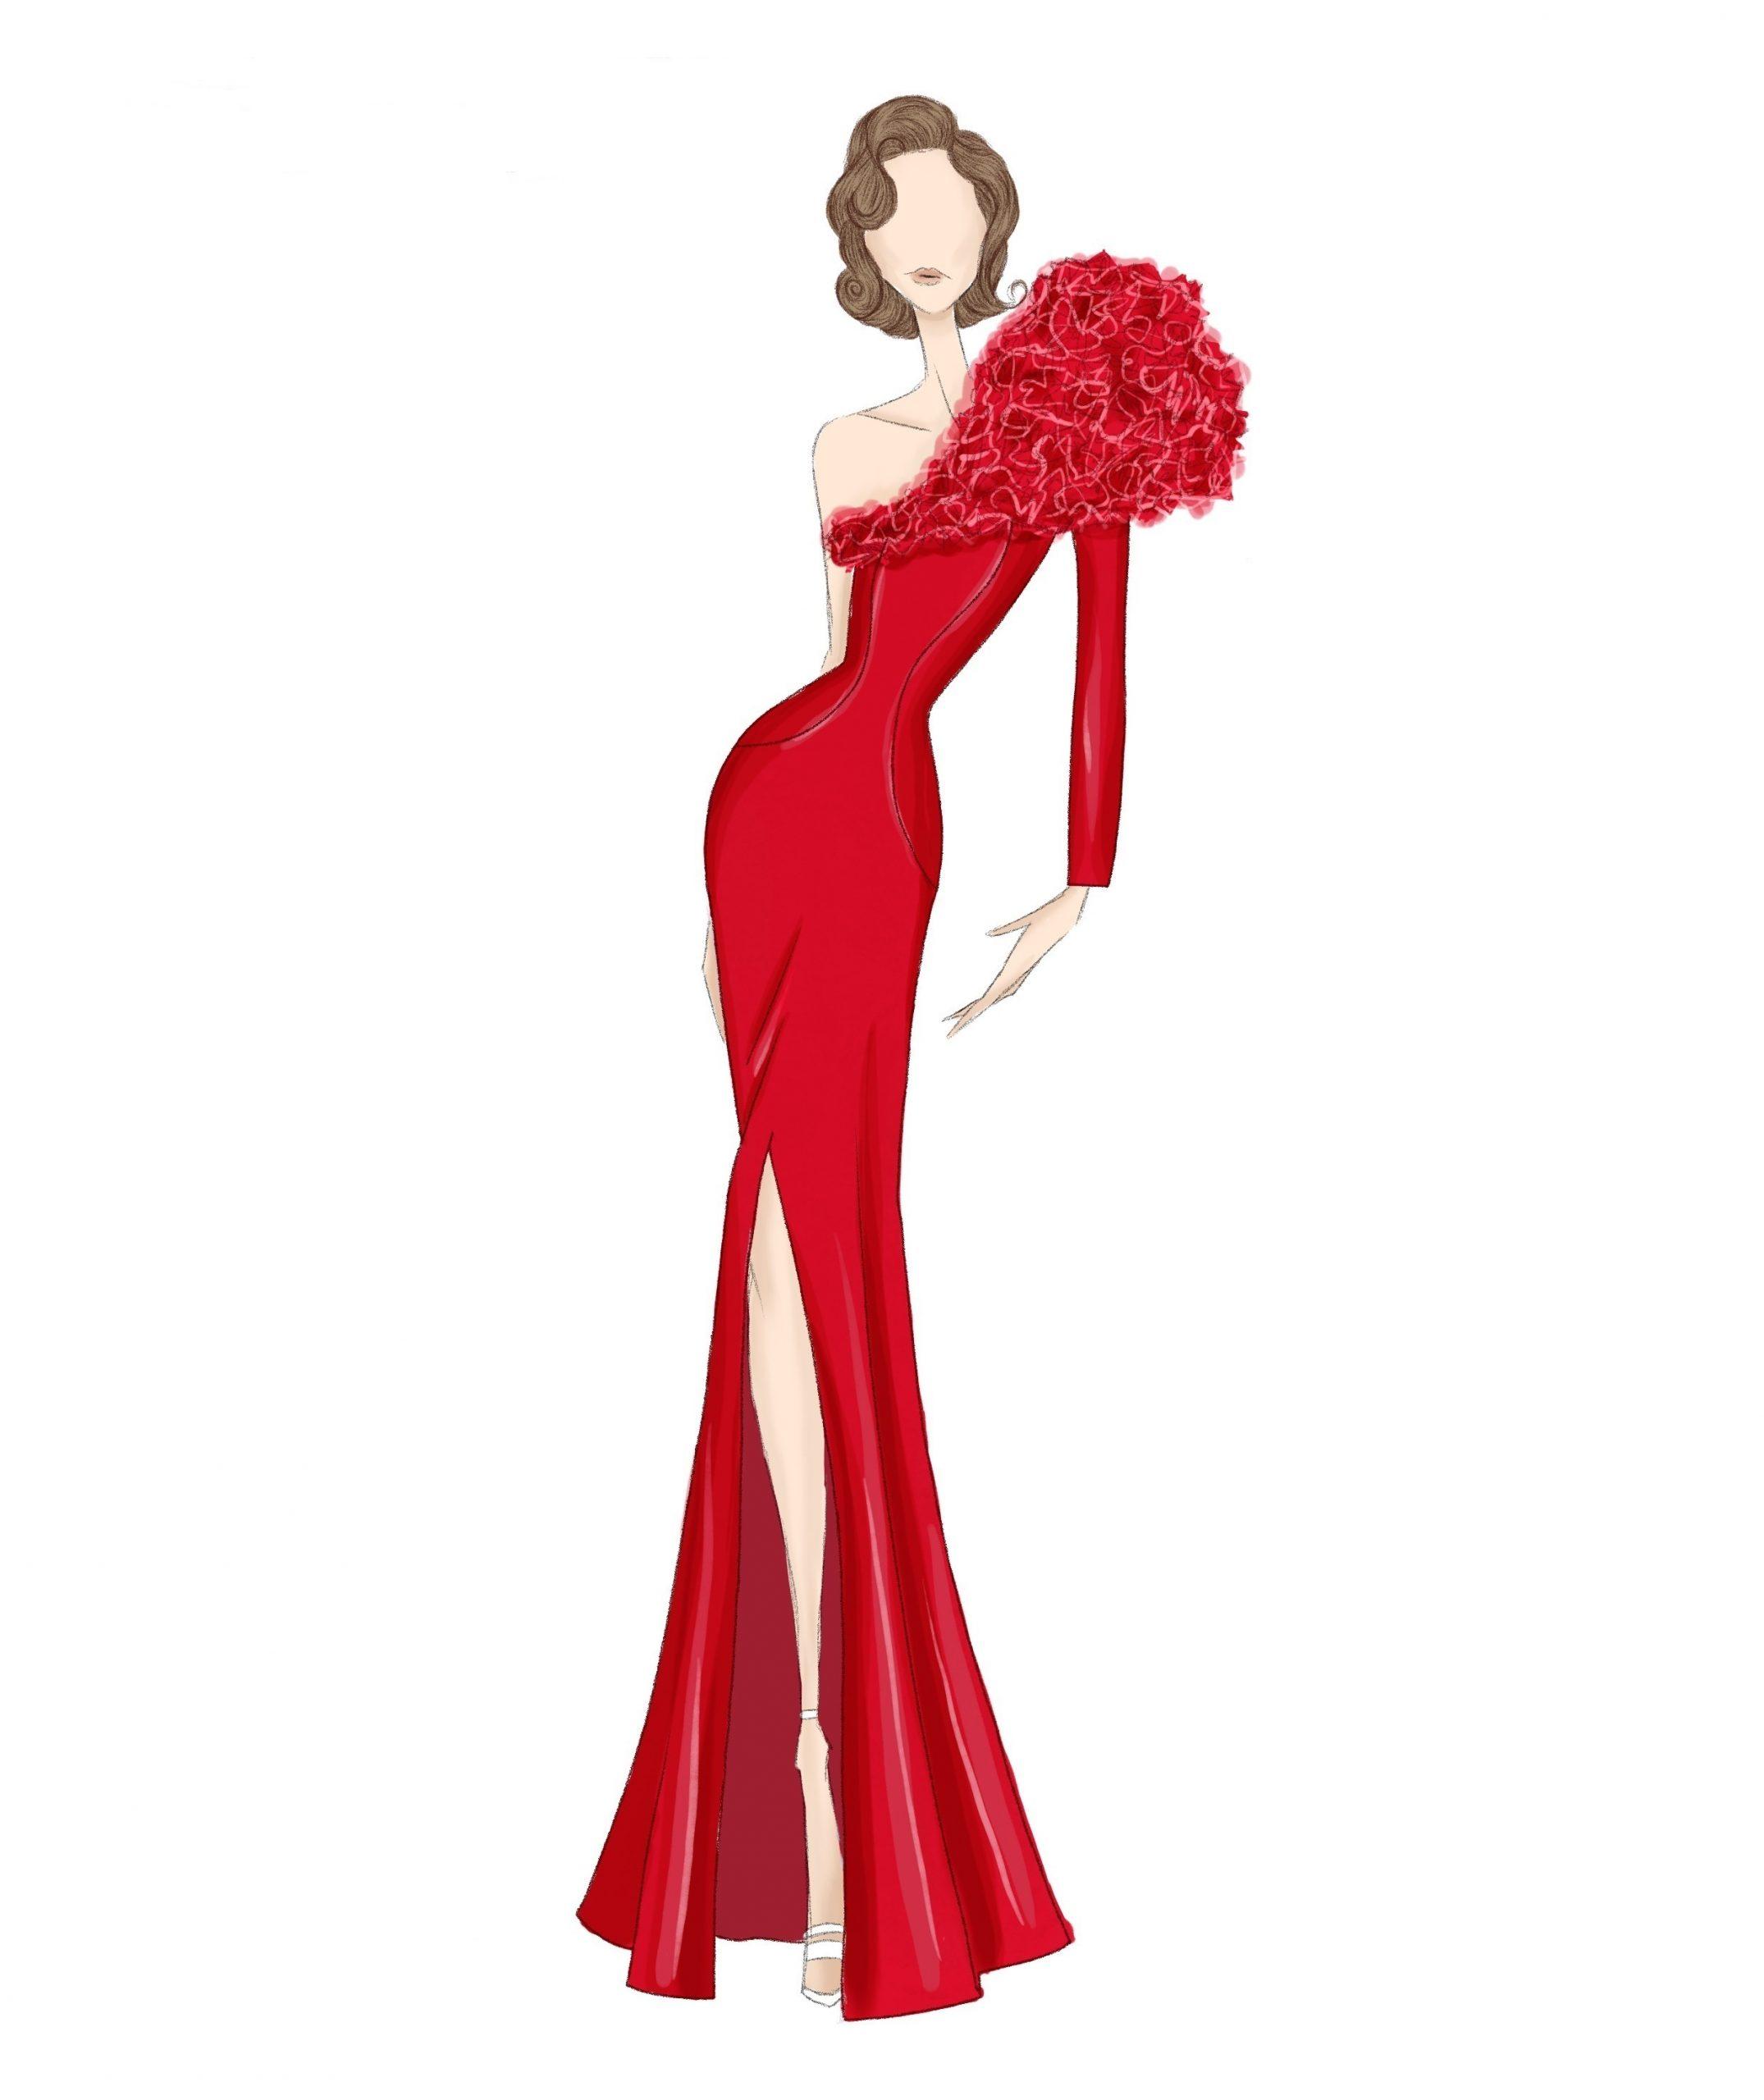 Vestido-rojo-abertura-